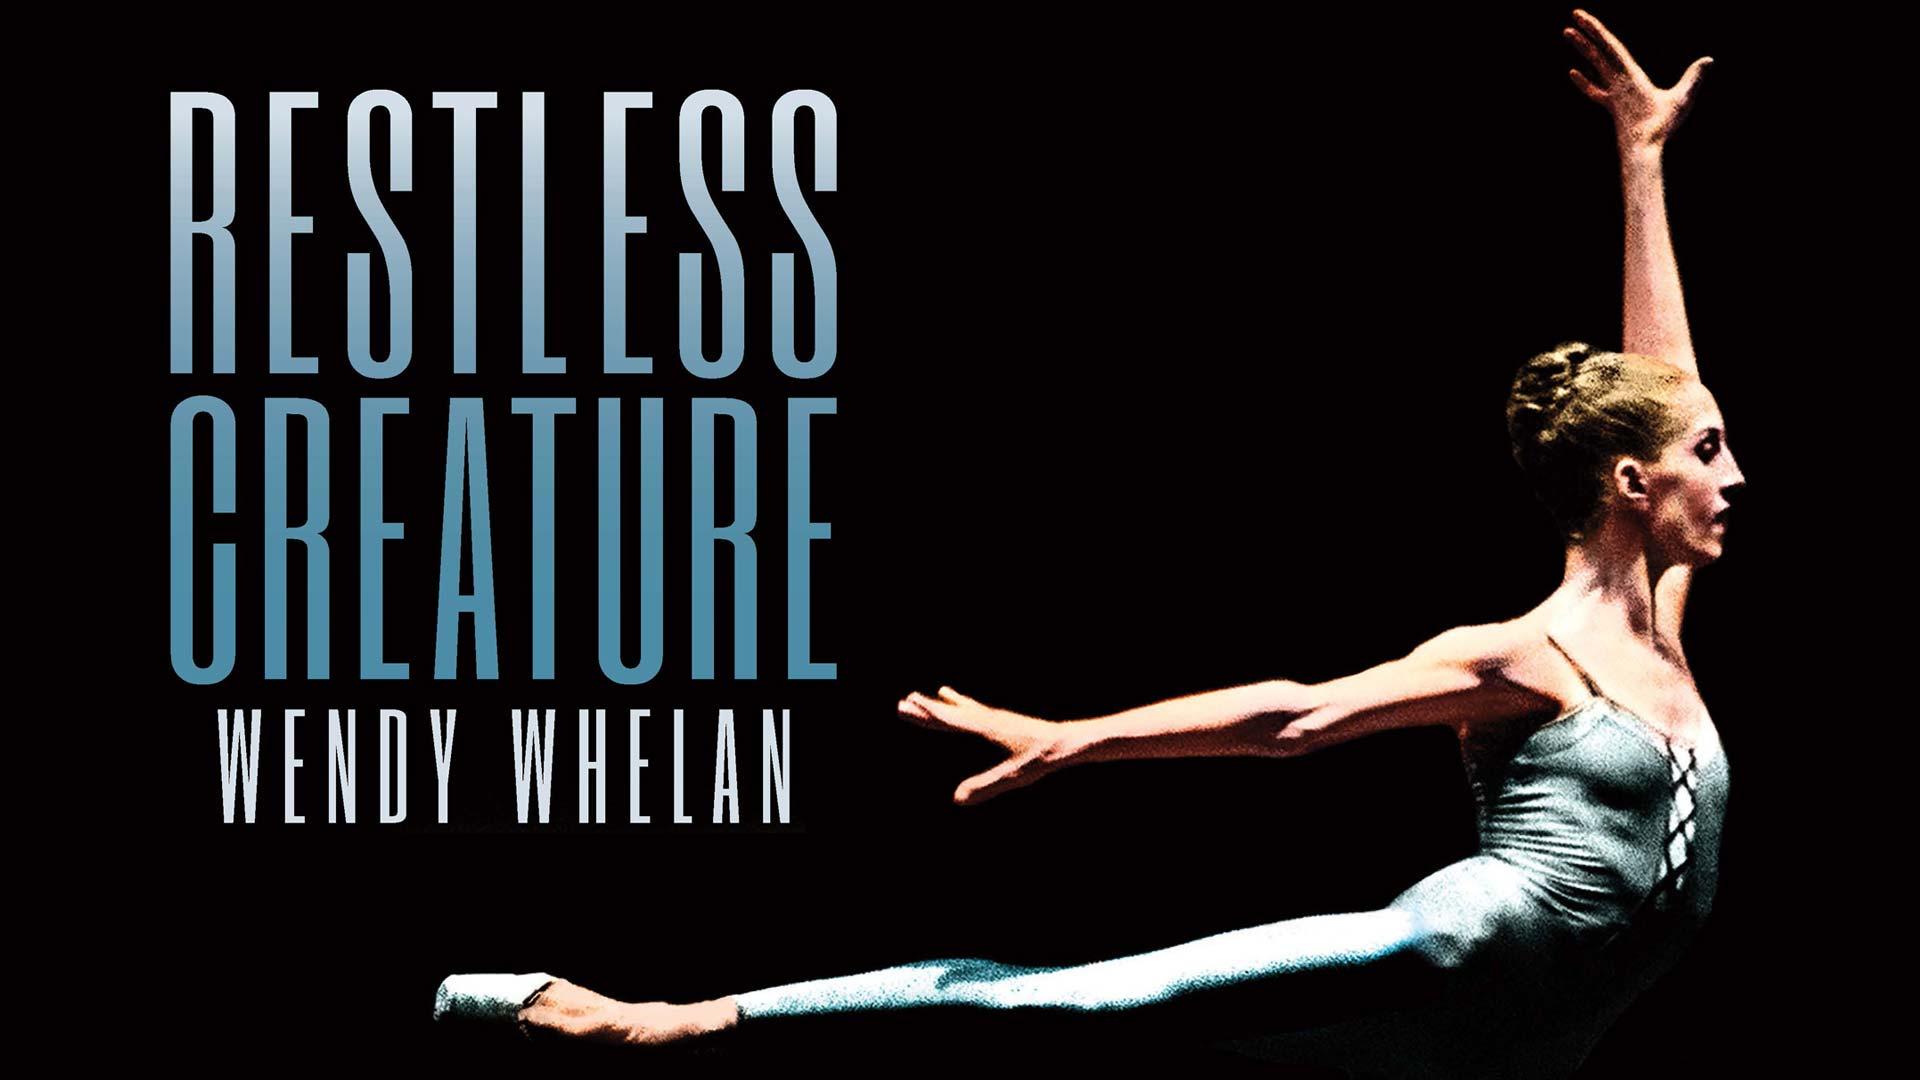 Restless Creature: Wendy Whelan - image